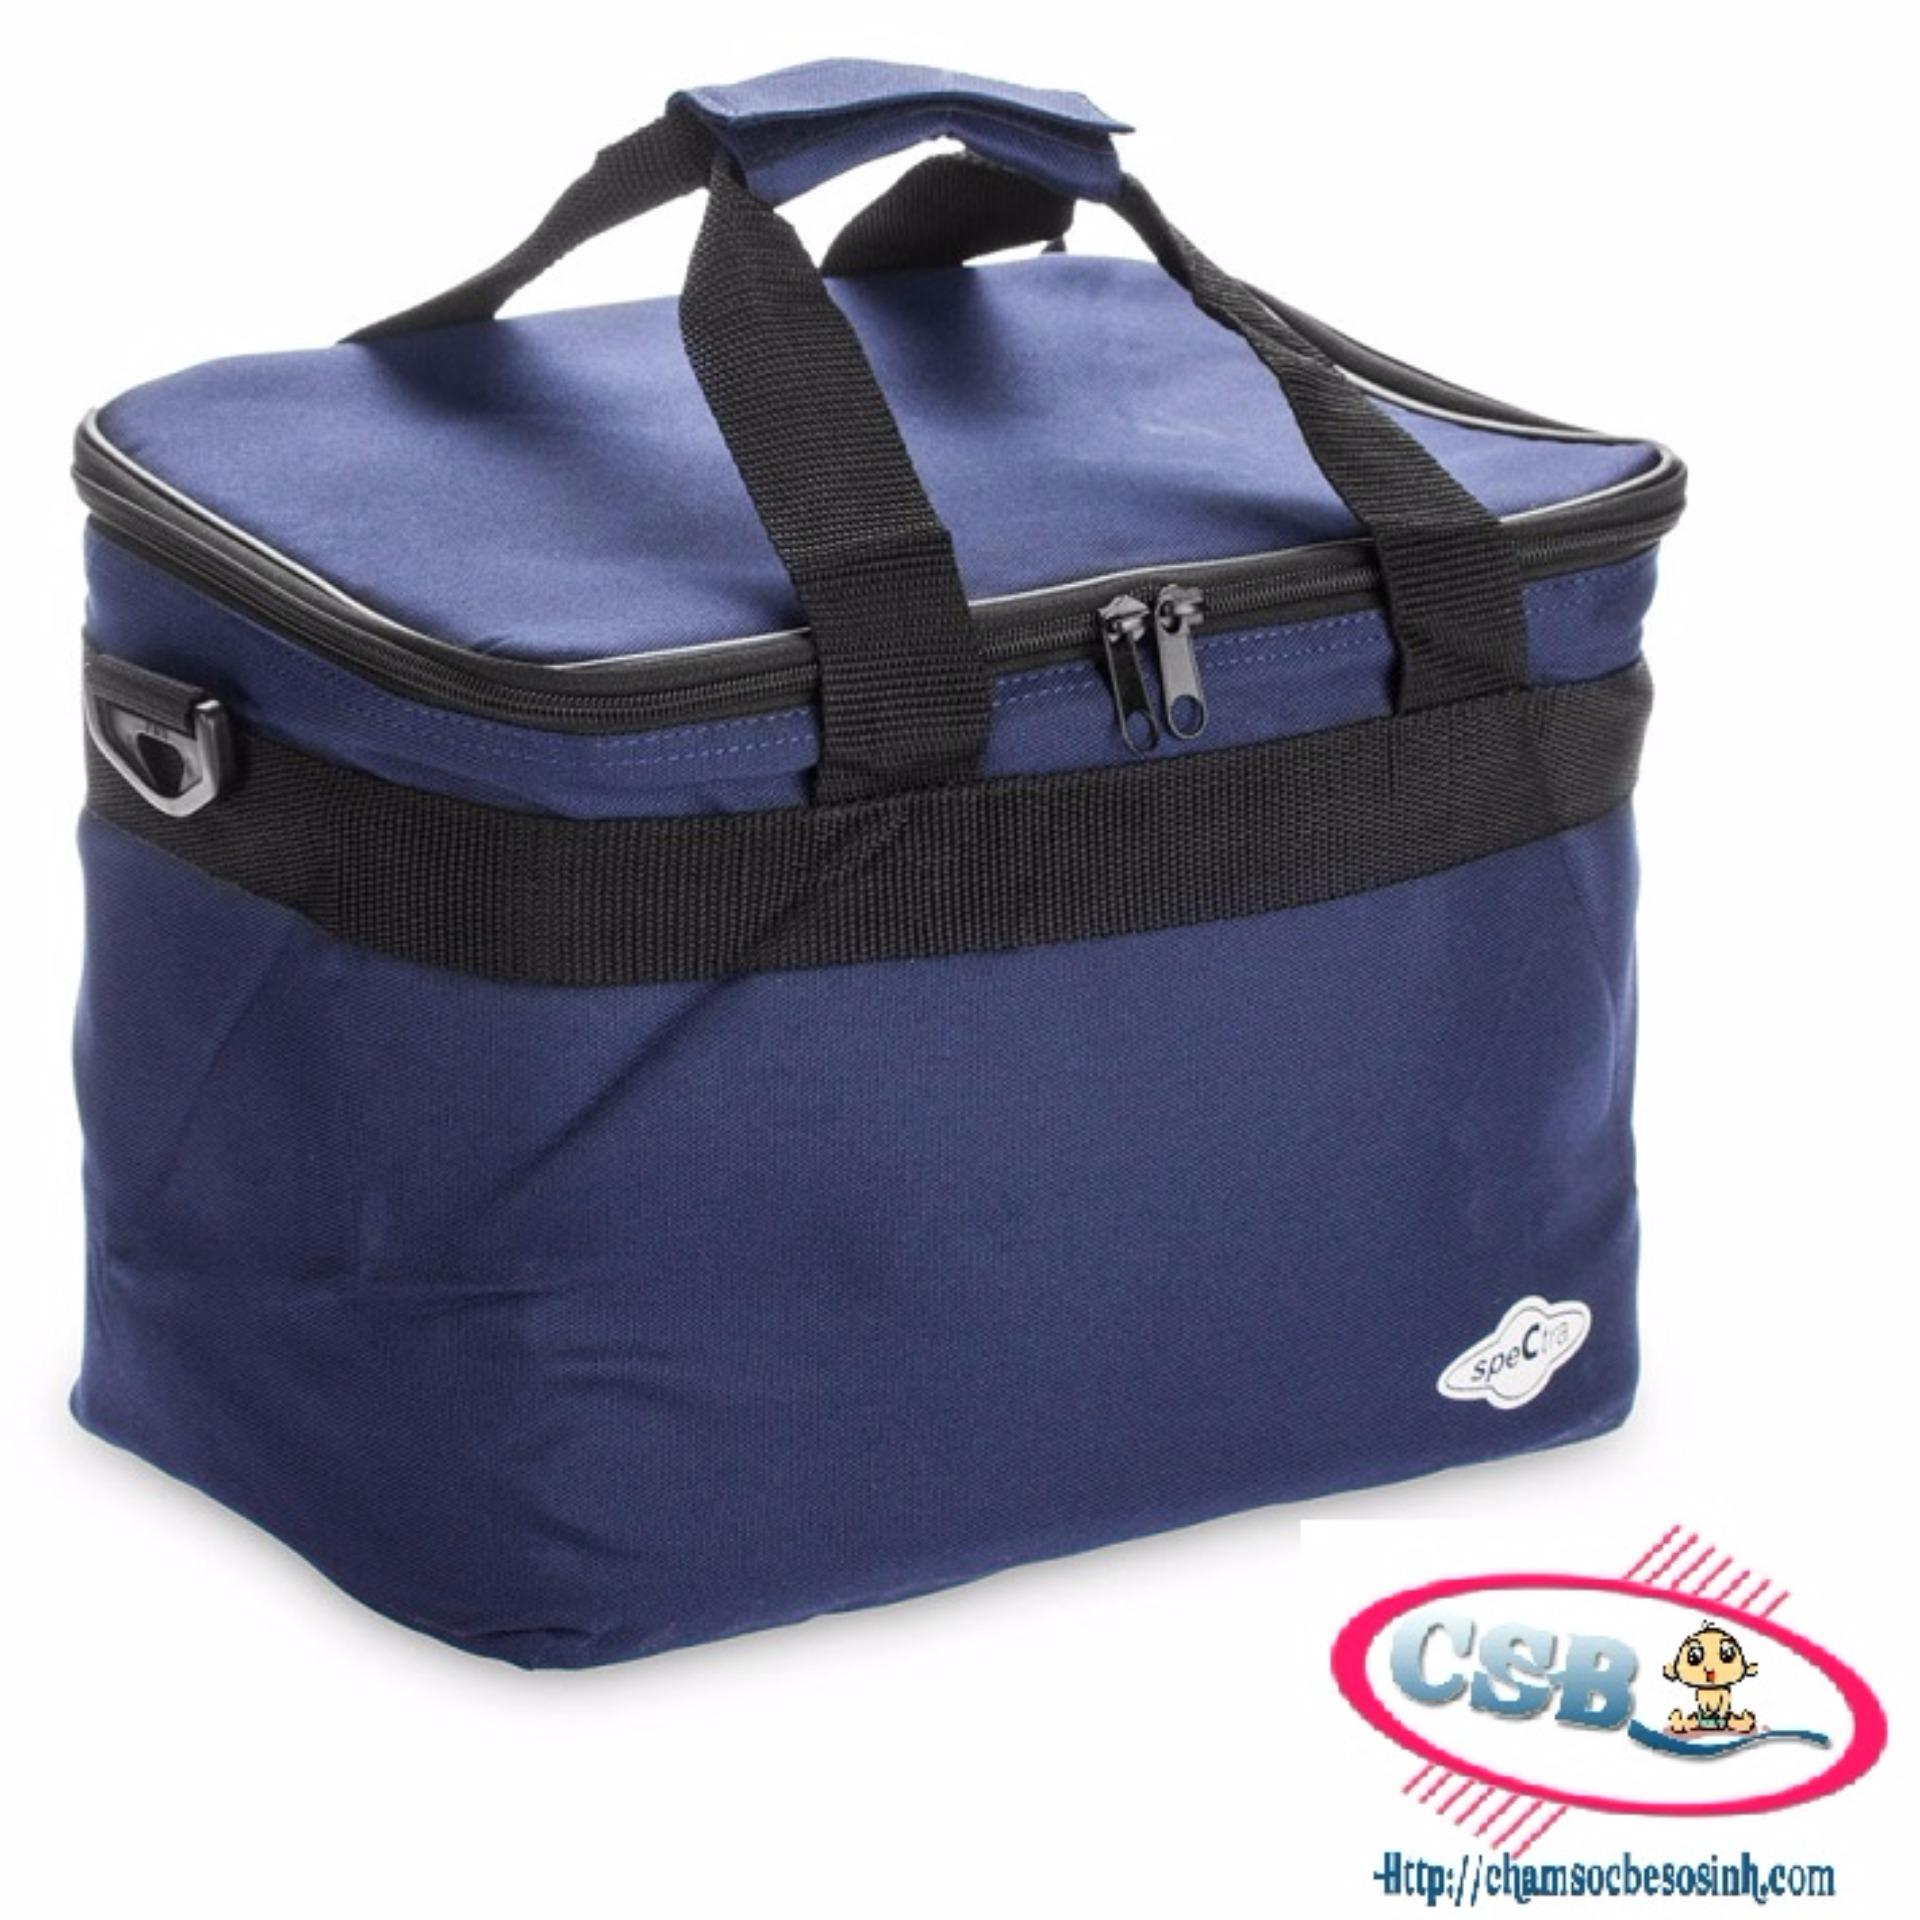 Túi xách giữ nhiệt bình sữa và đựng máy Spectra CSB0975